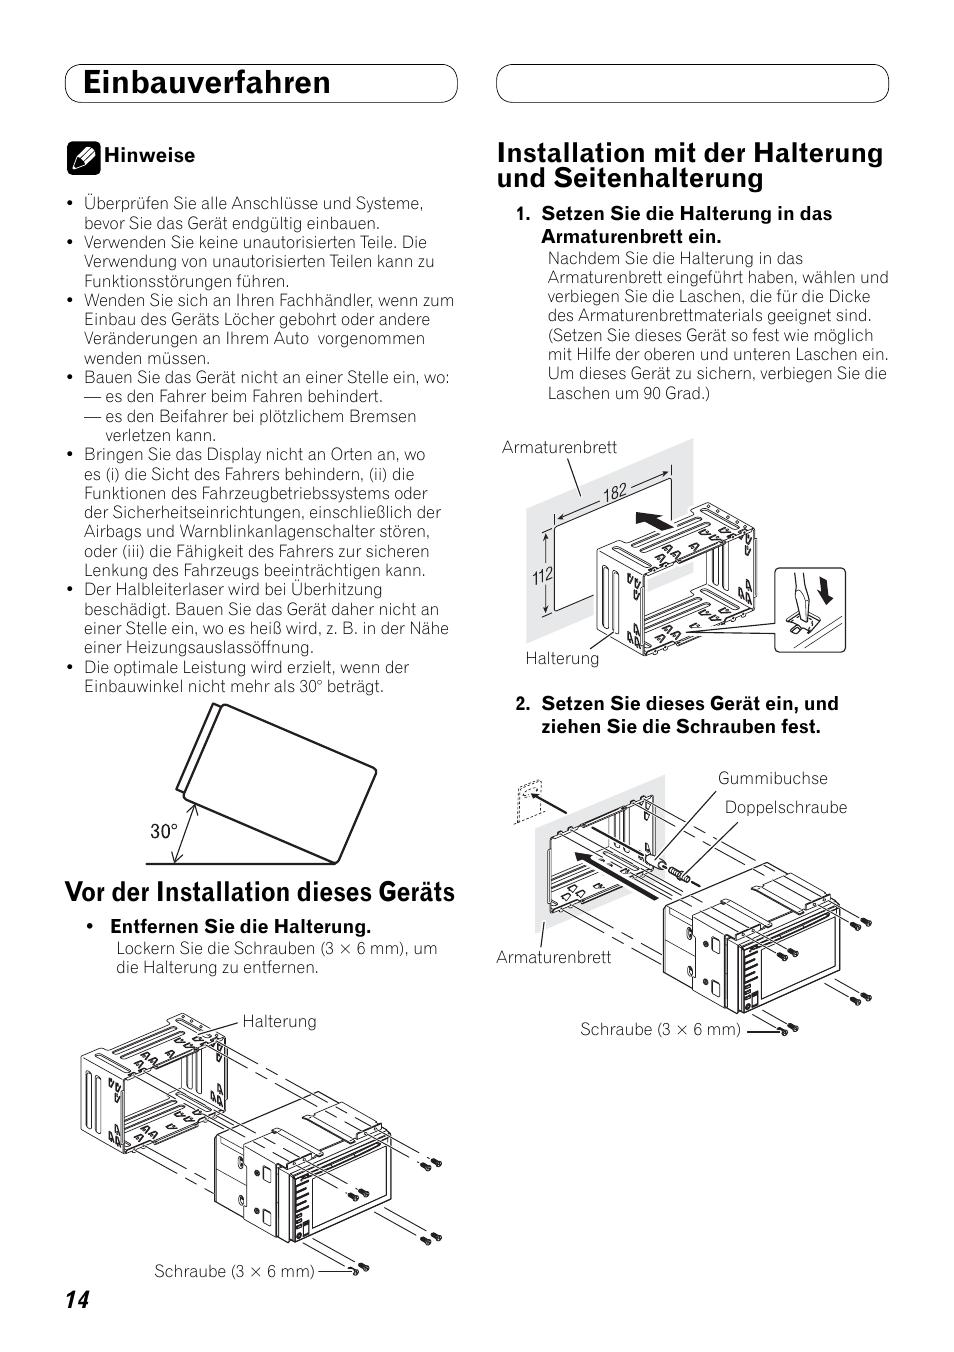 hight resolution of einbauverfahren seitenhalterung vor der installation dieses ger ts installation mit der halterung und seitenhalterung